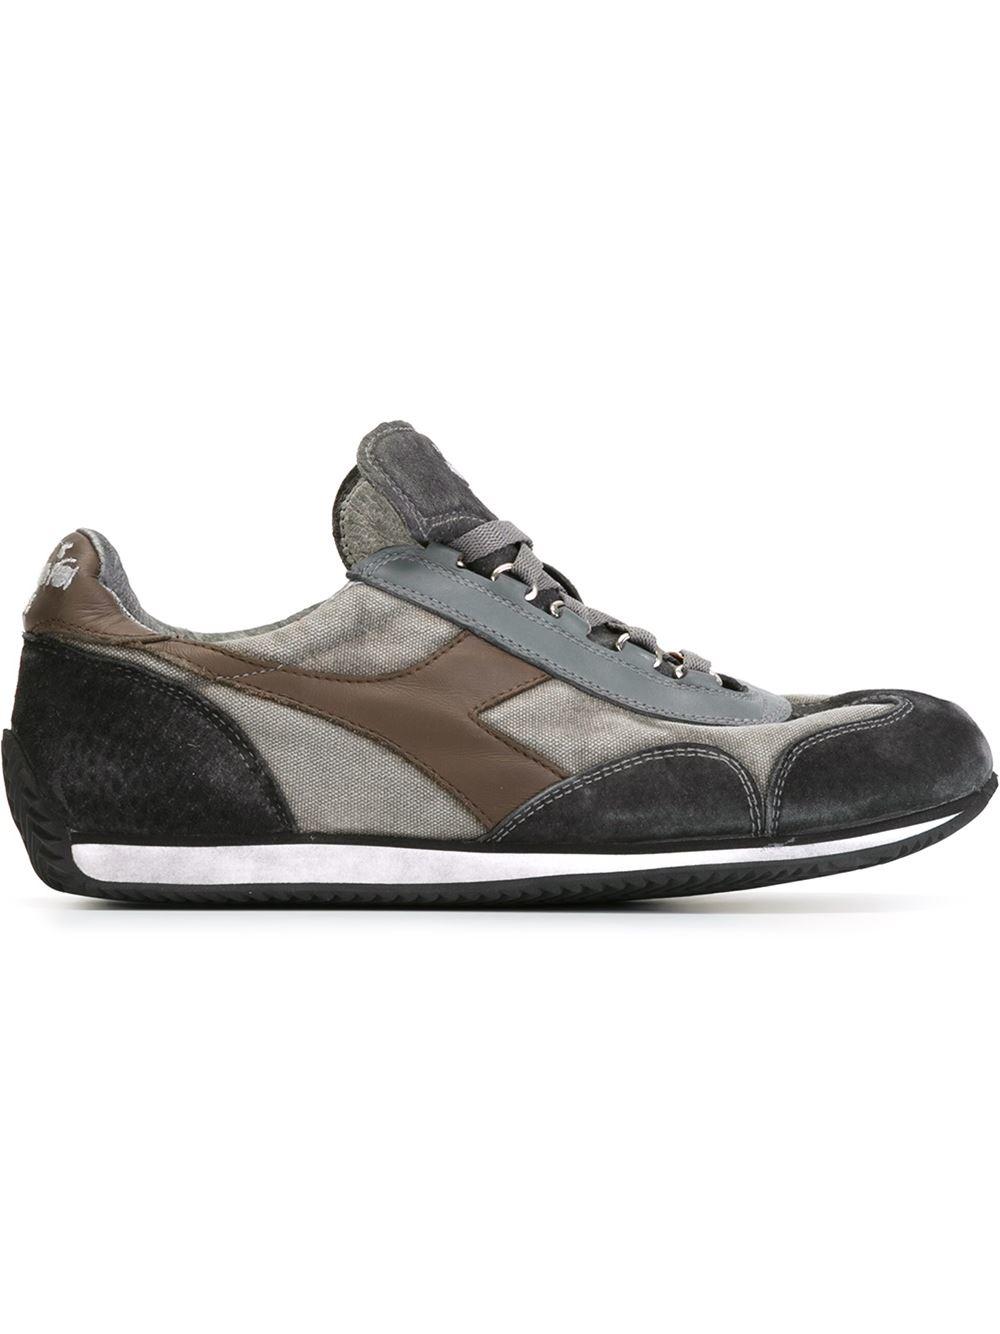 diadora sneakers - photo #4